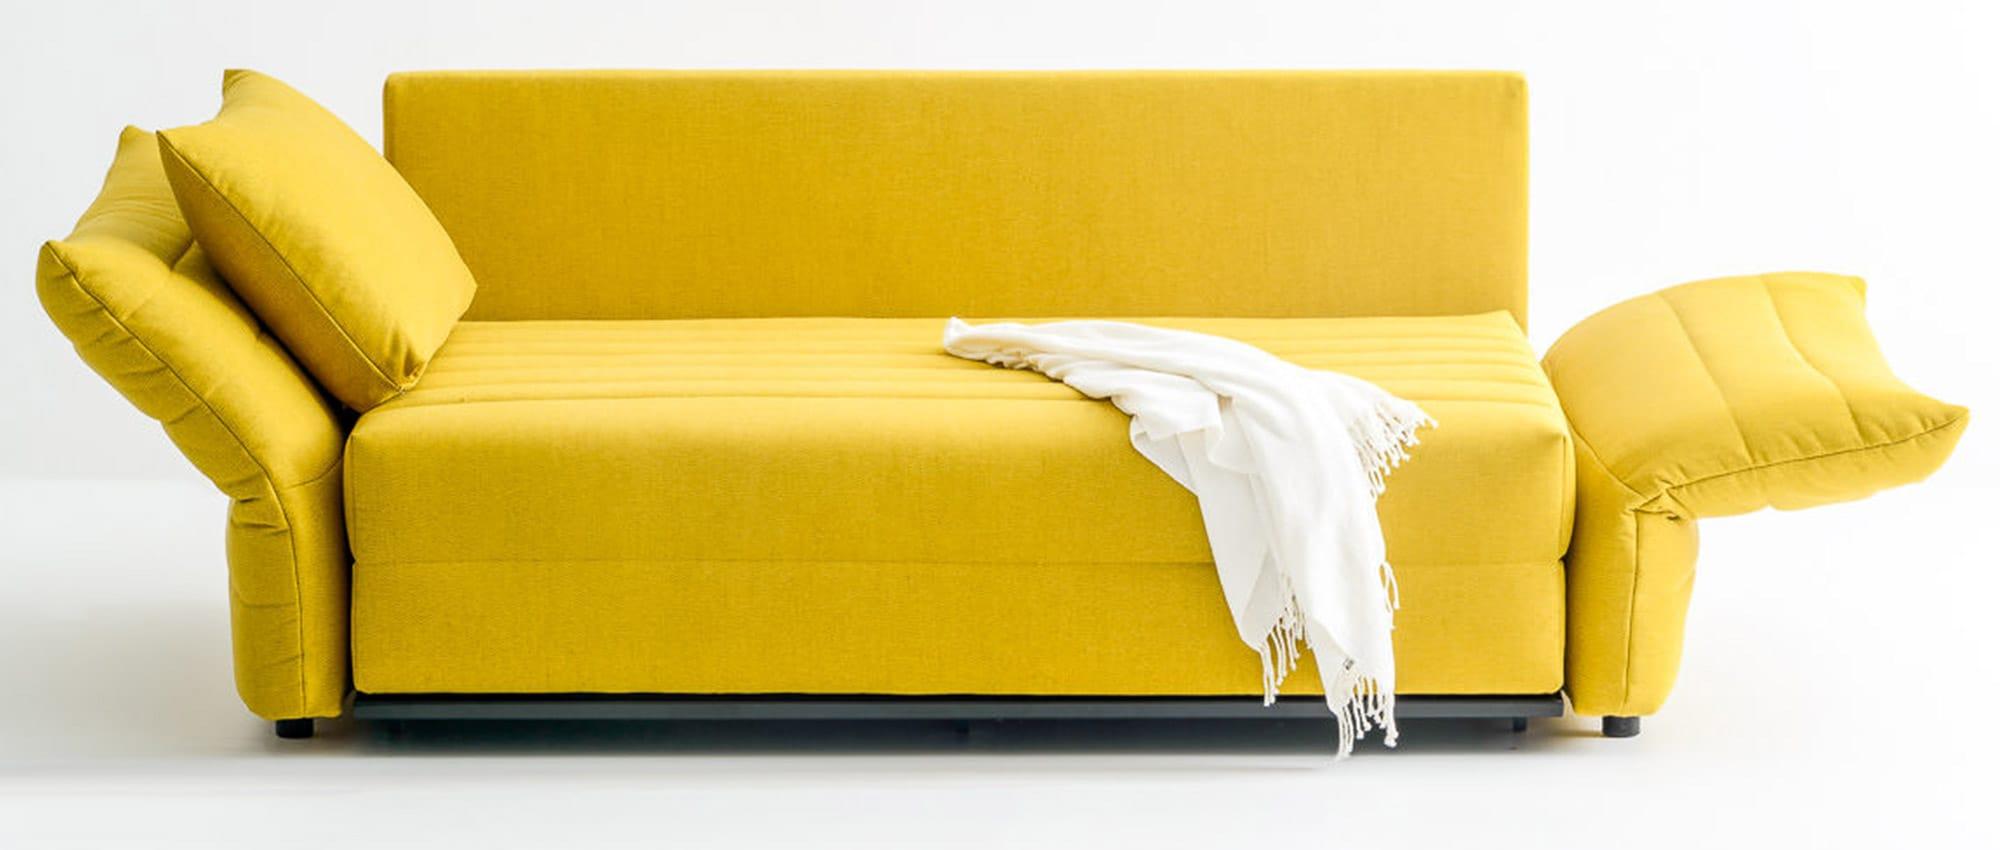 Schlafsofa ZERO von Franz Fertig mit klappbaren Armlehnen. Mit Rückenkissen und Vorstellkissen. Schlafsofa in gelb.